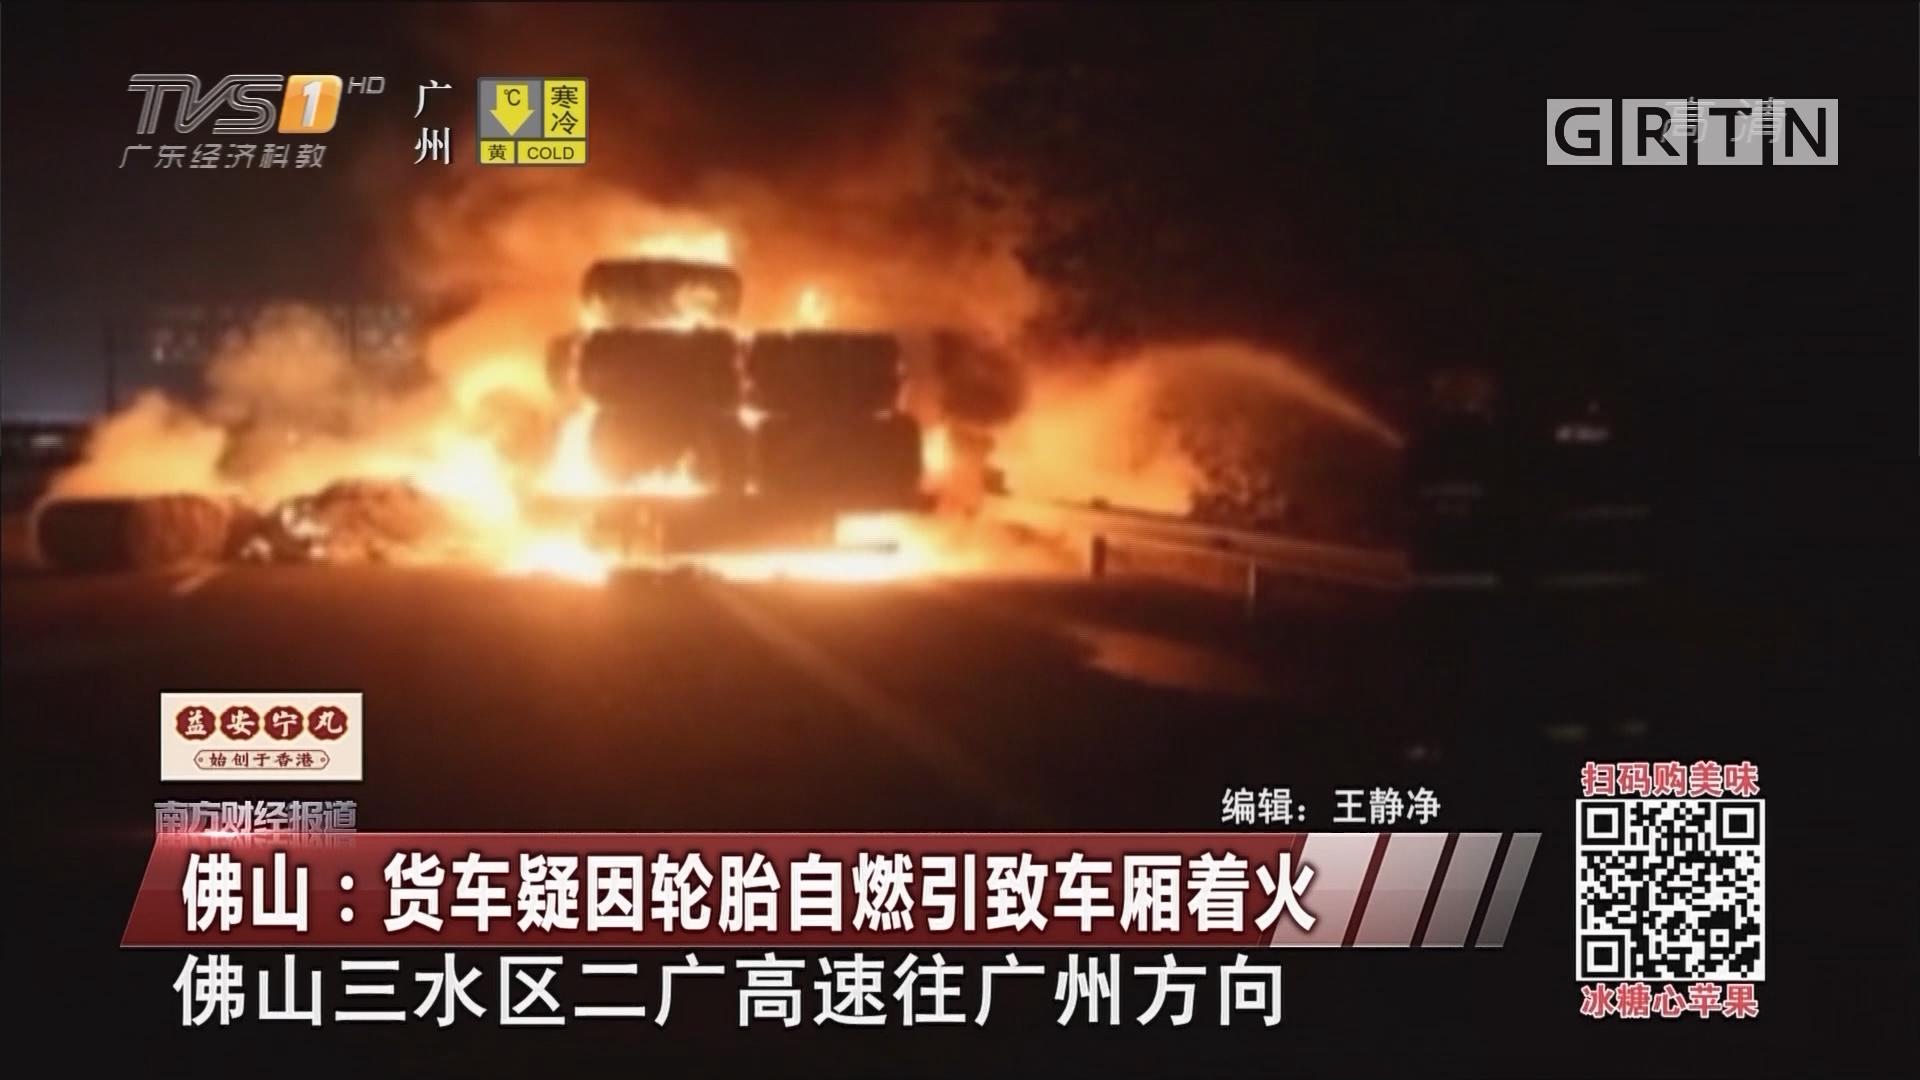 佛山:货车疑因轮胎自燃引致车厢着火